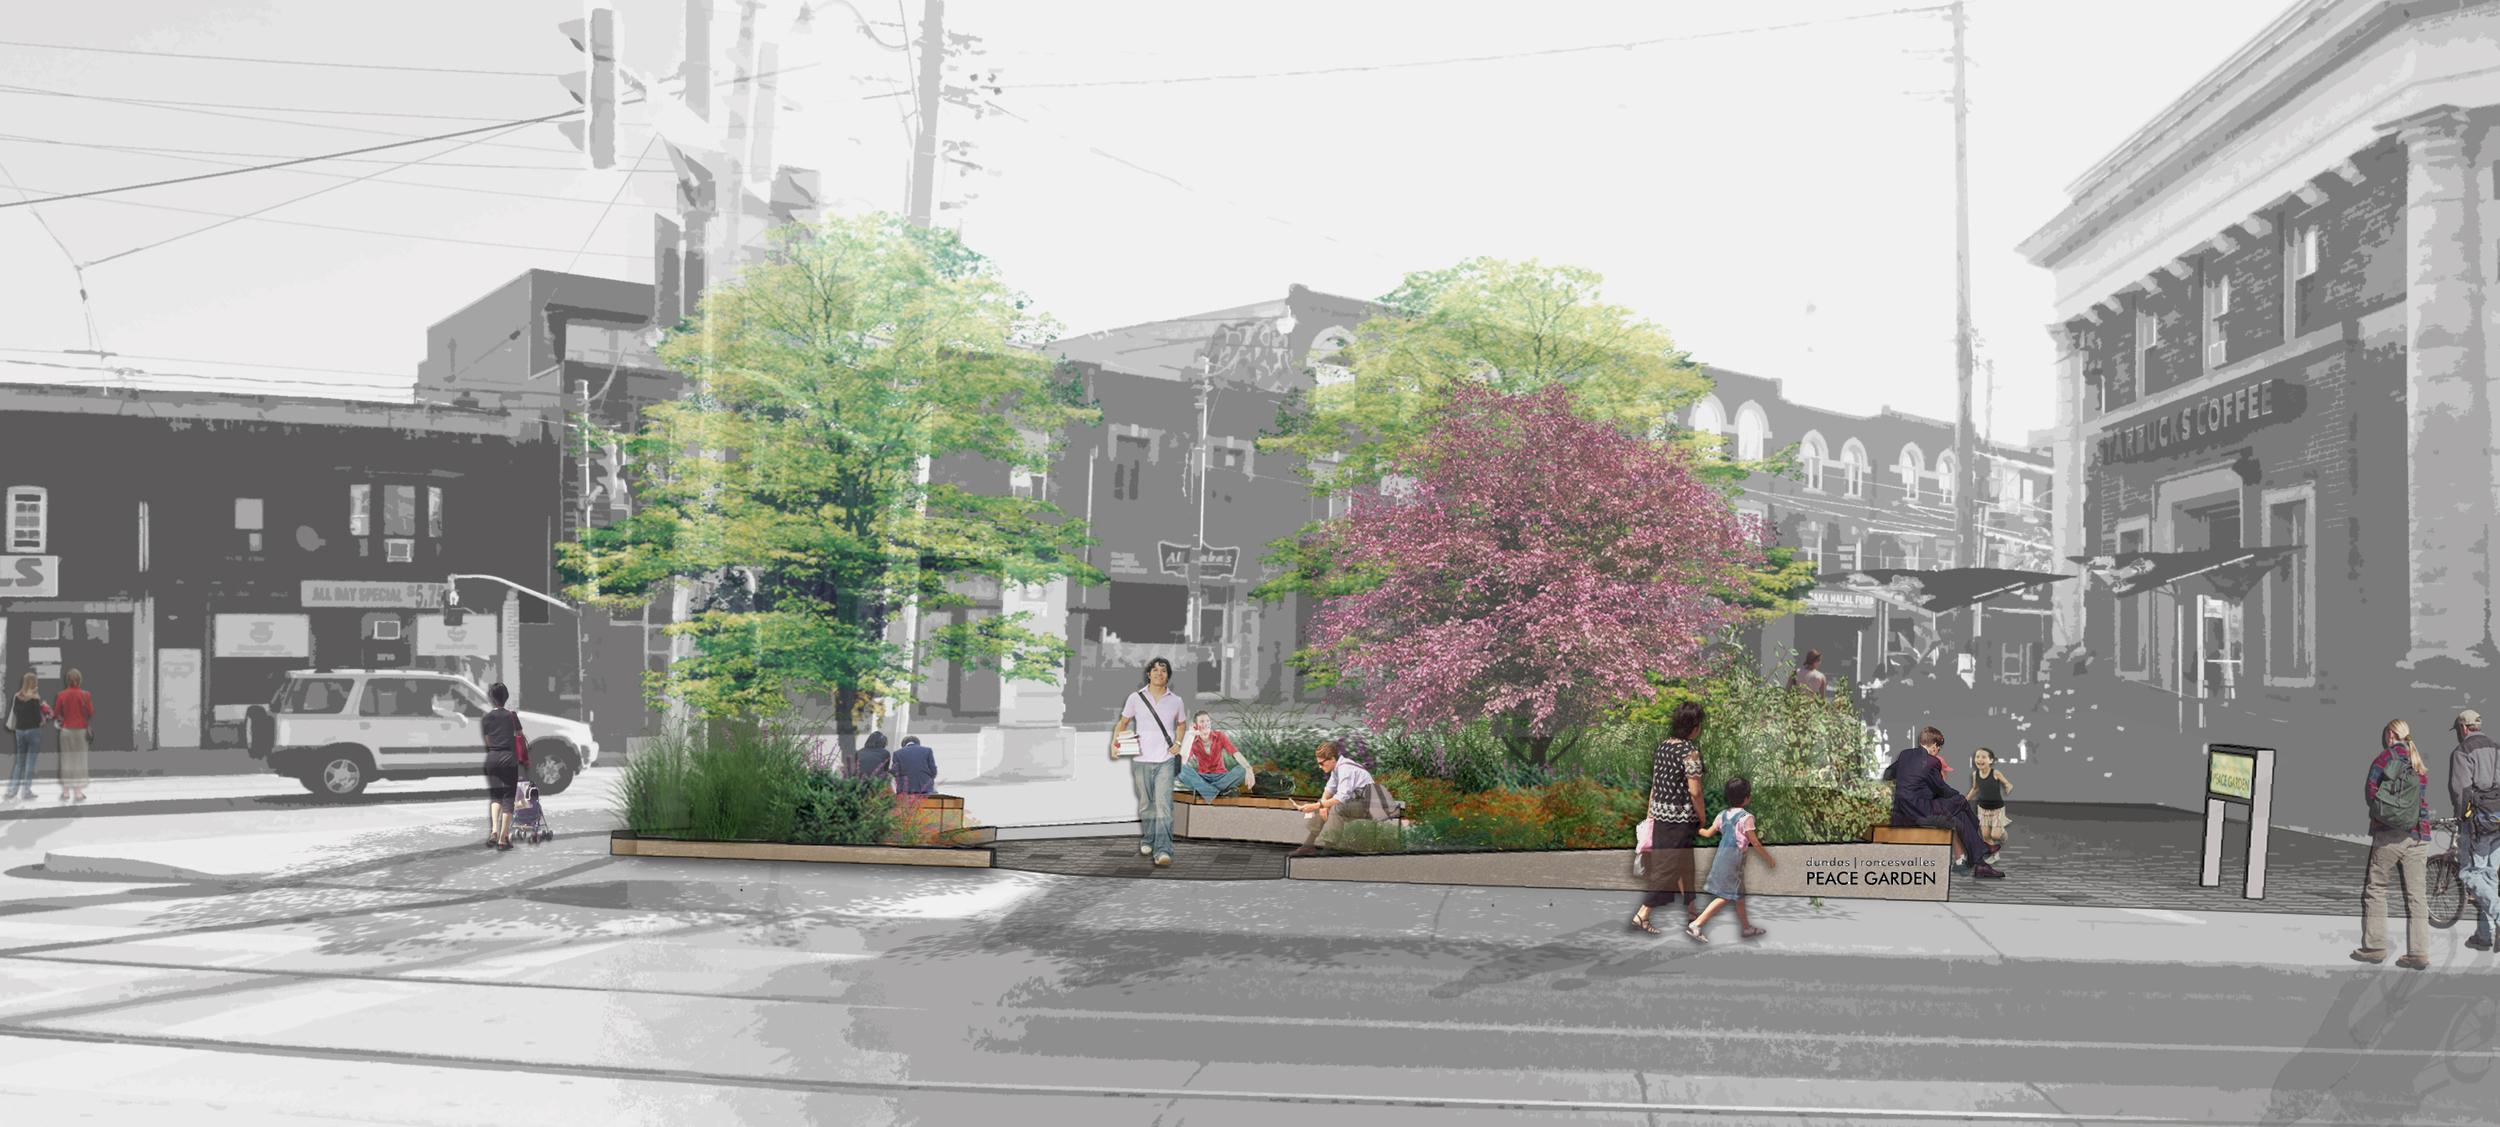 landscape_design_01.jpg